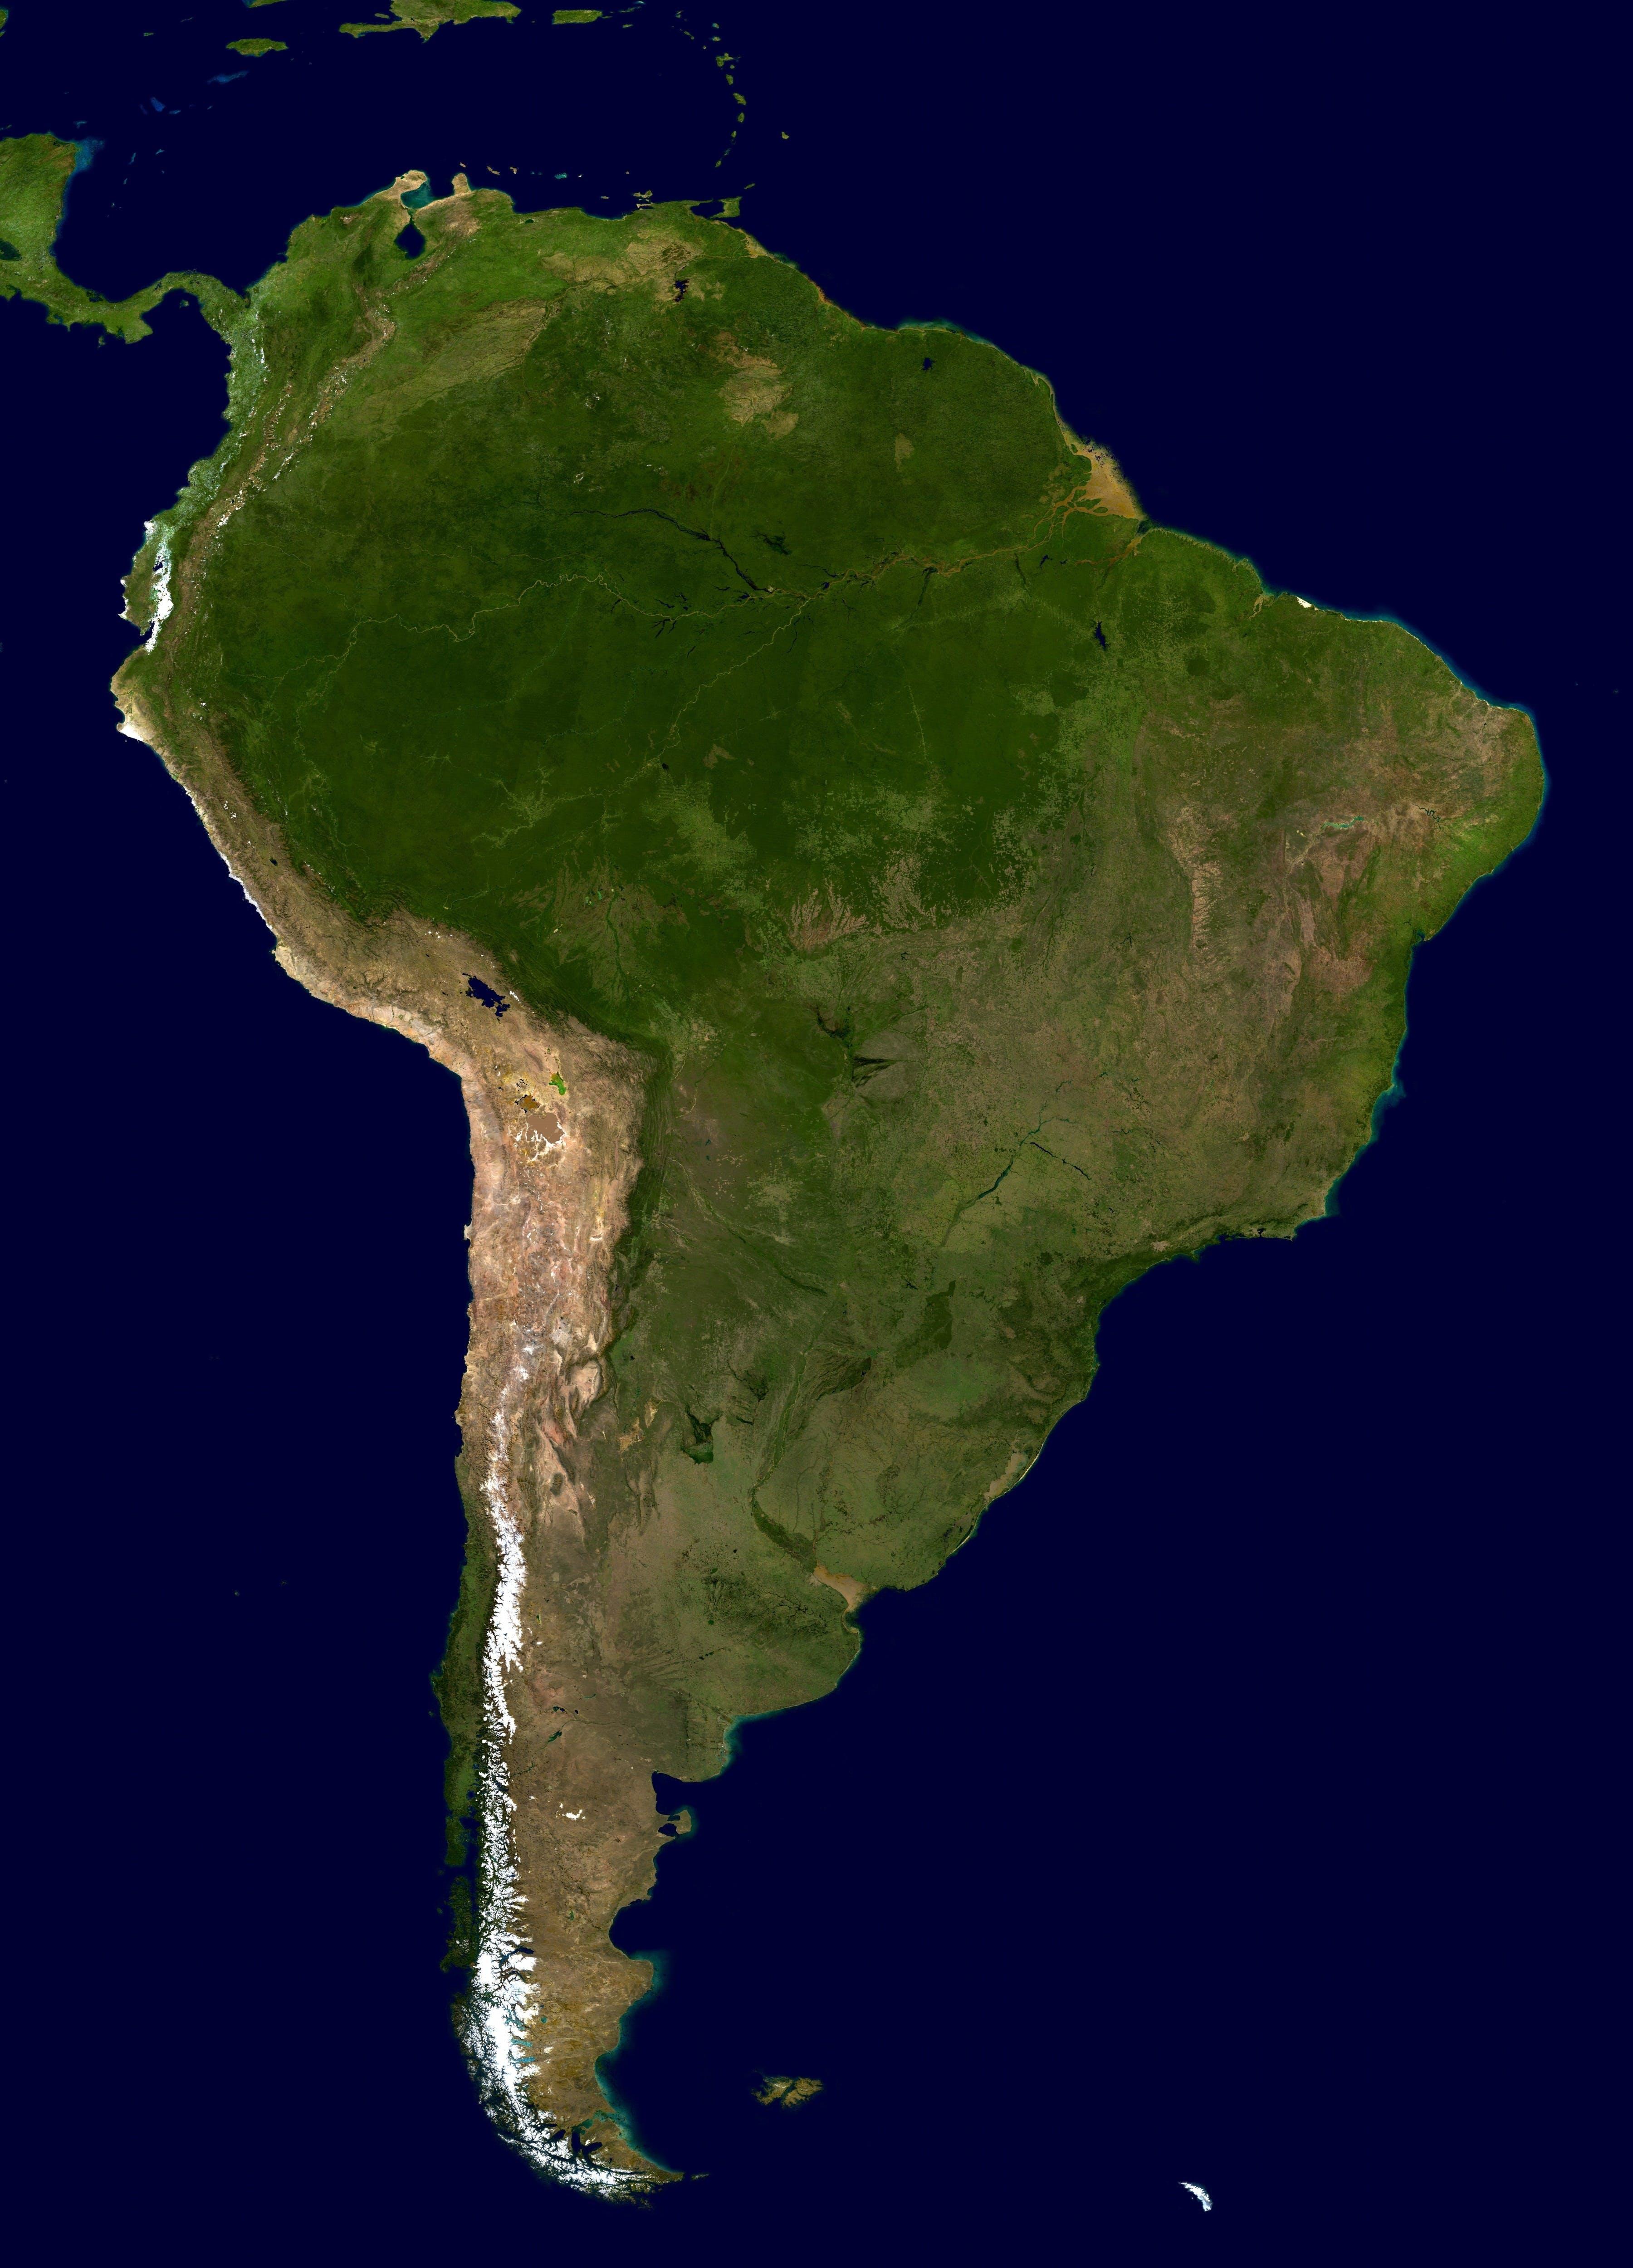 aerial view, america, Argentina